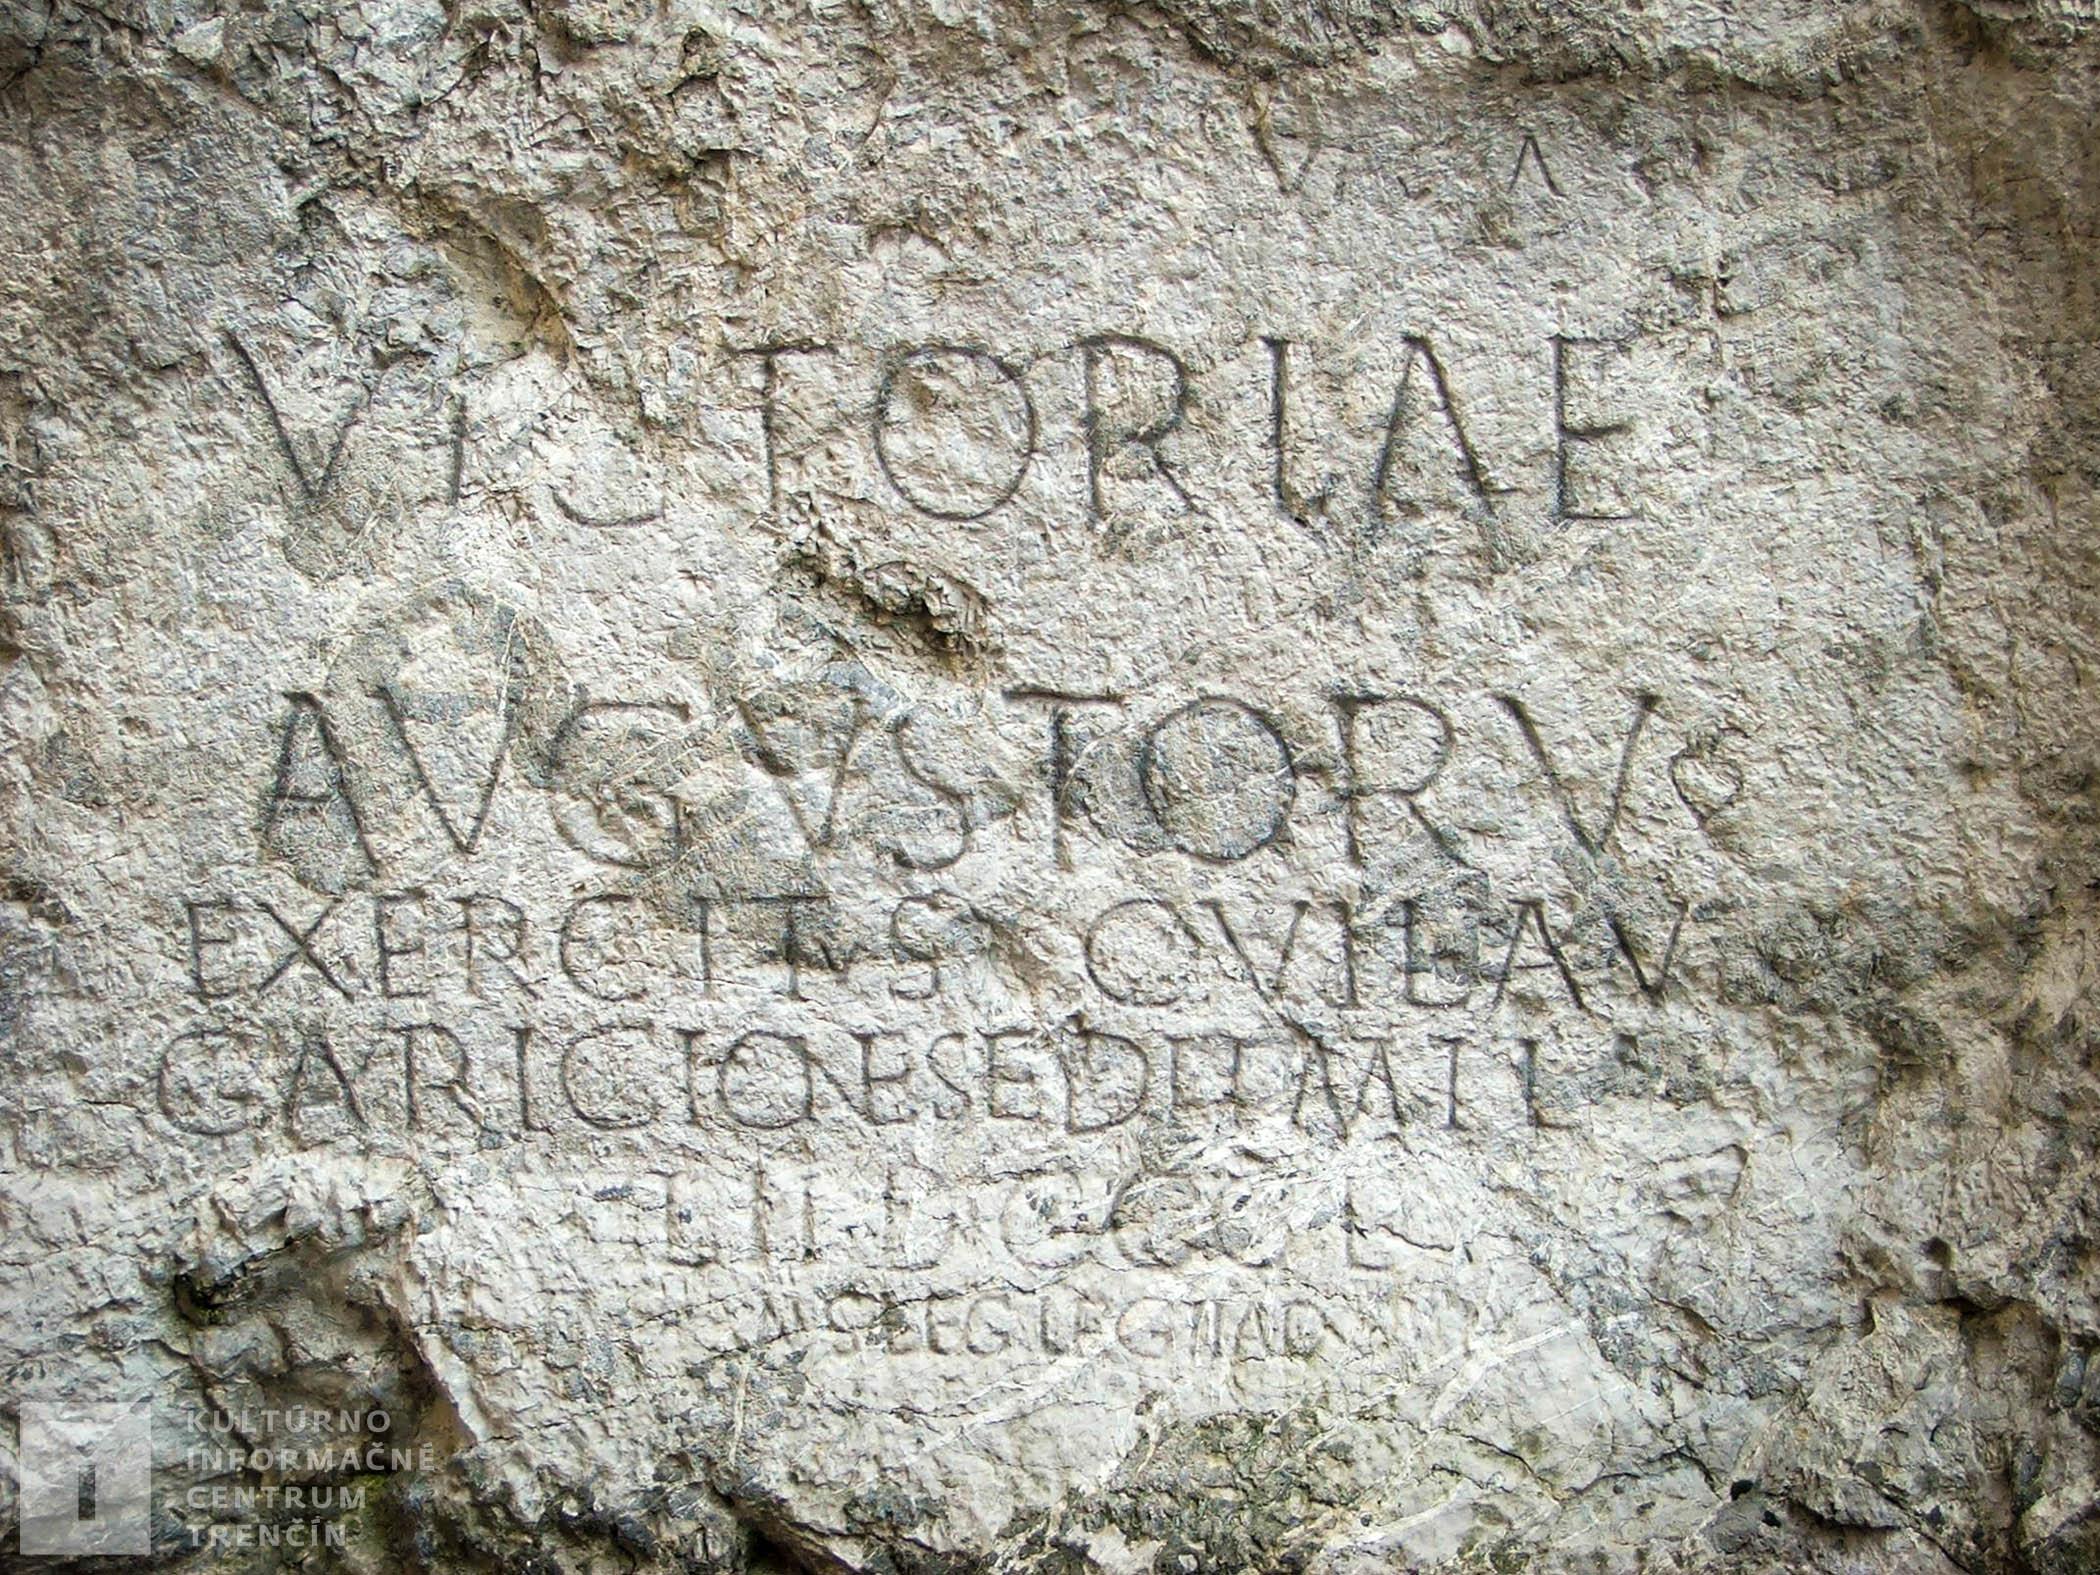 Rímsky nápis